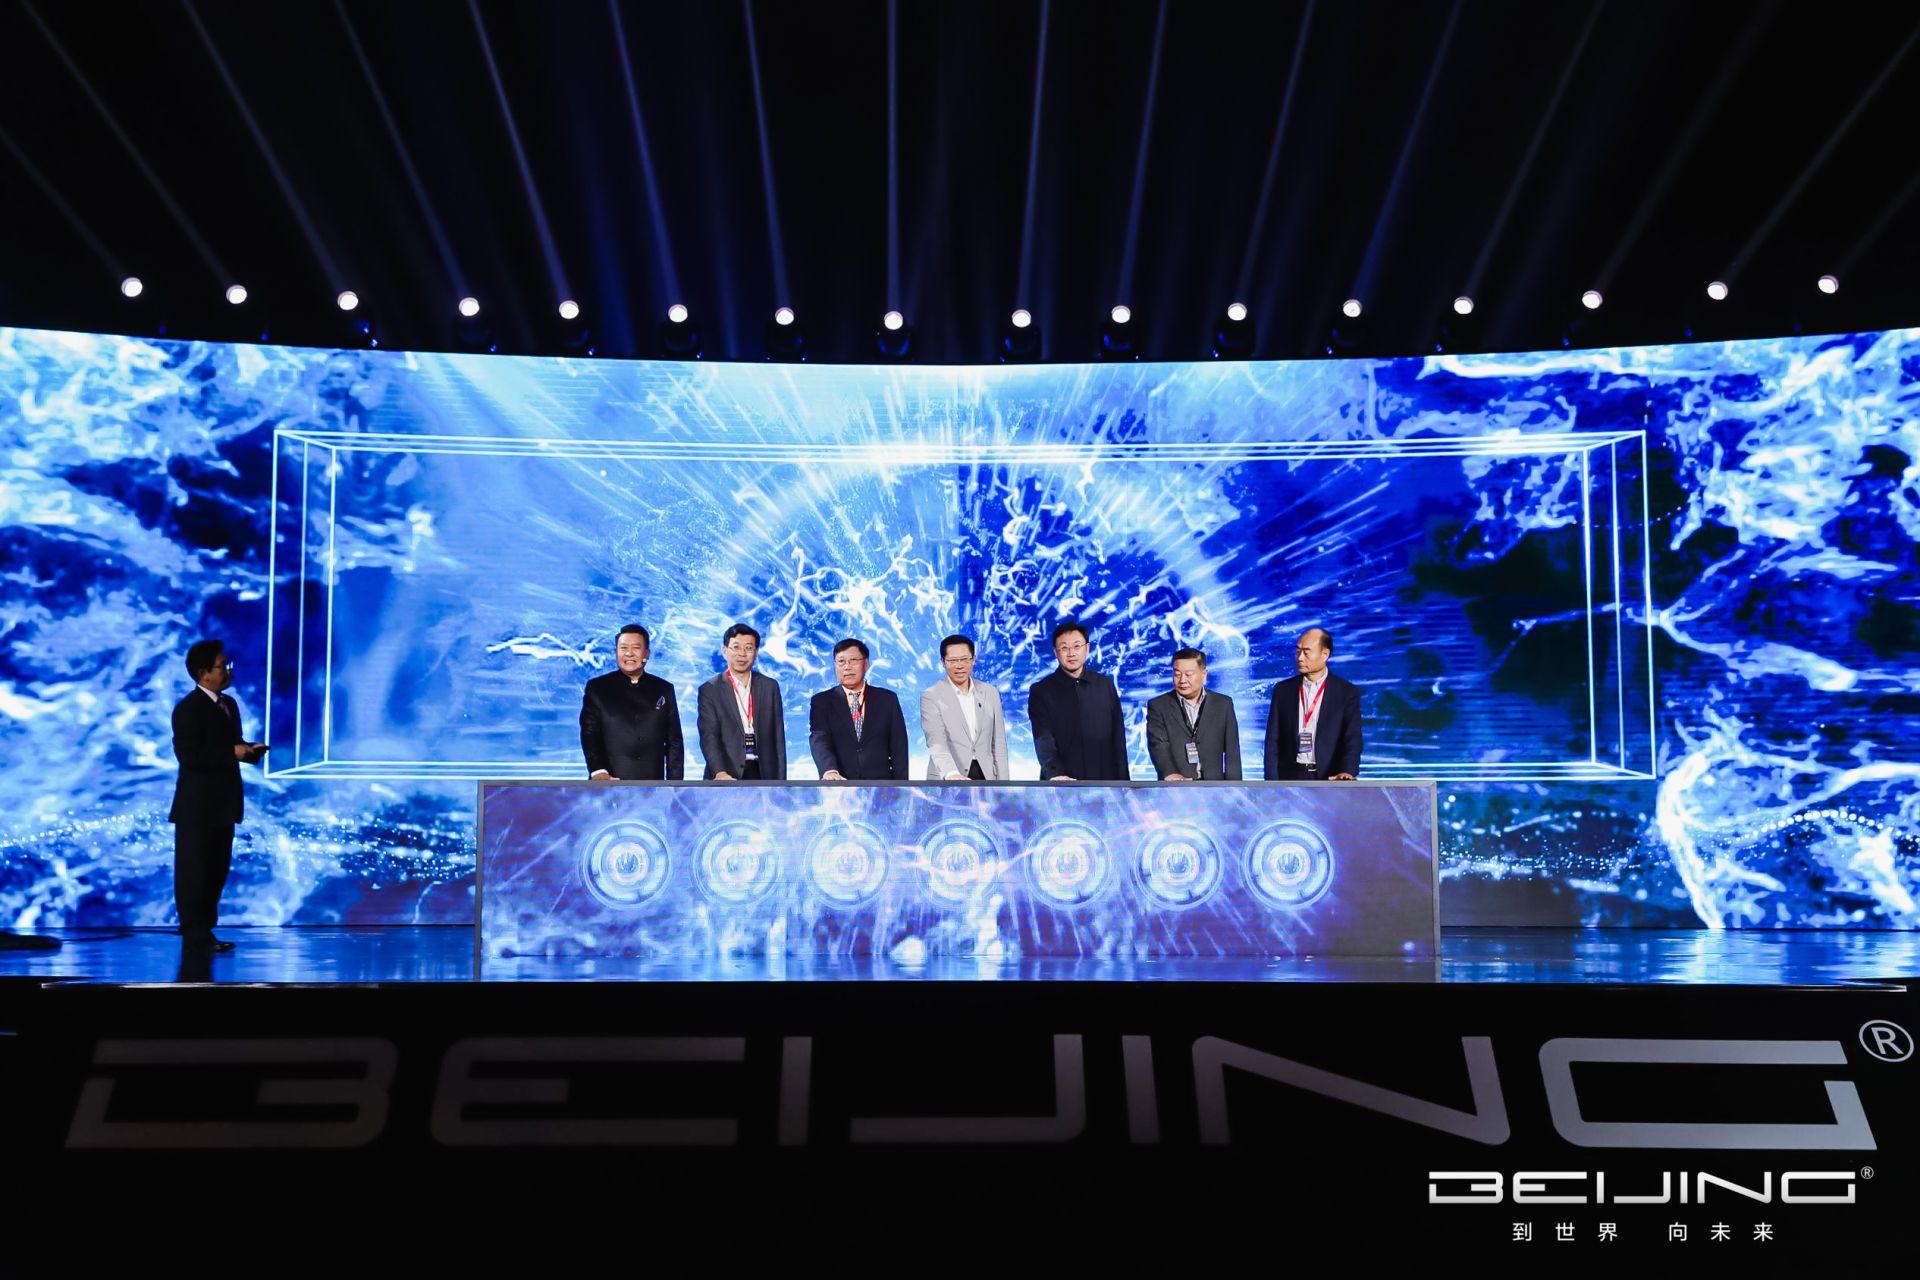 从BEIJING,到世界,向未来!北汽集团正式发布全新BEIJING品牌